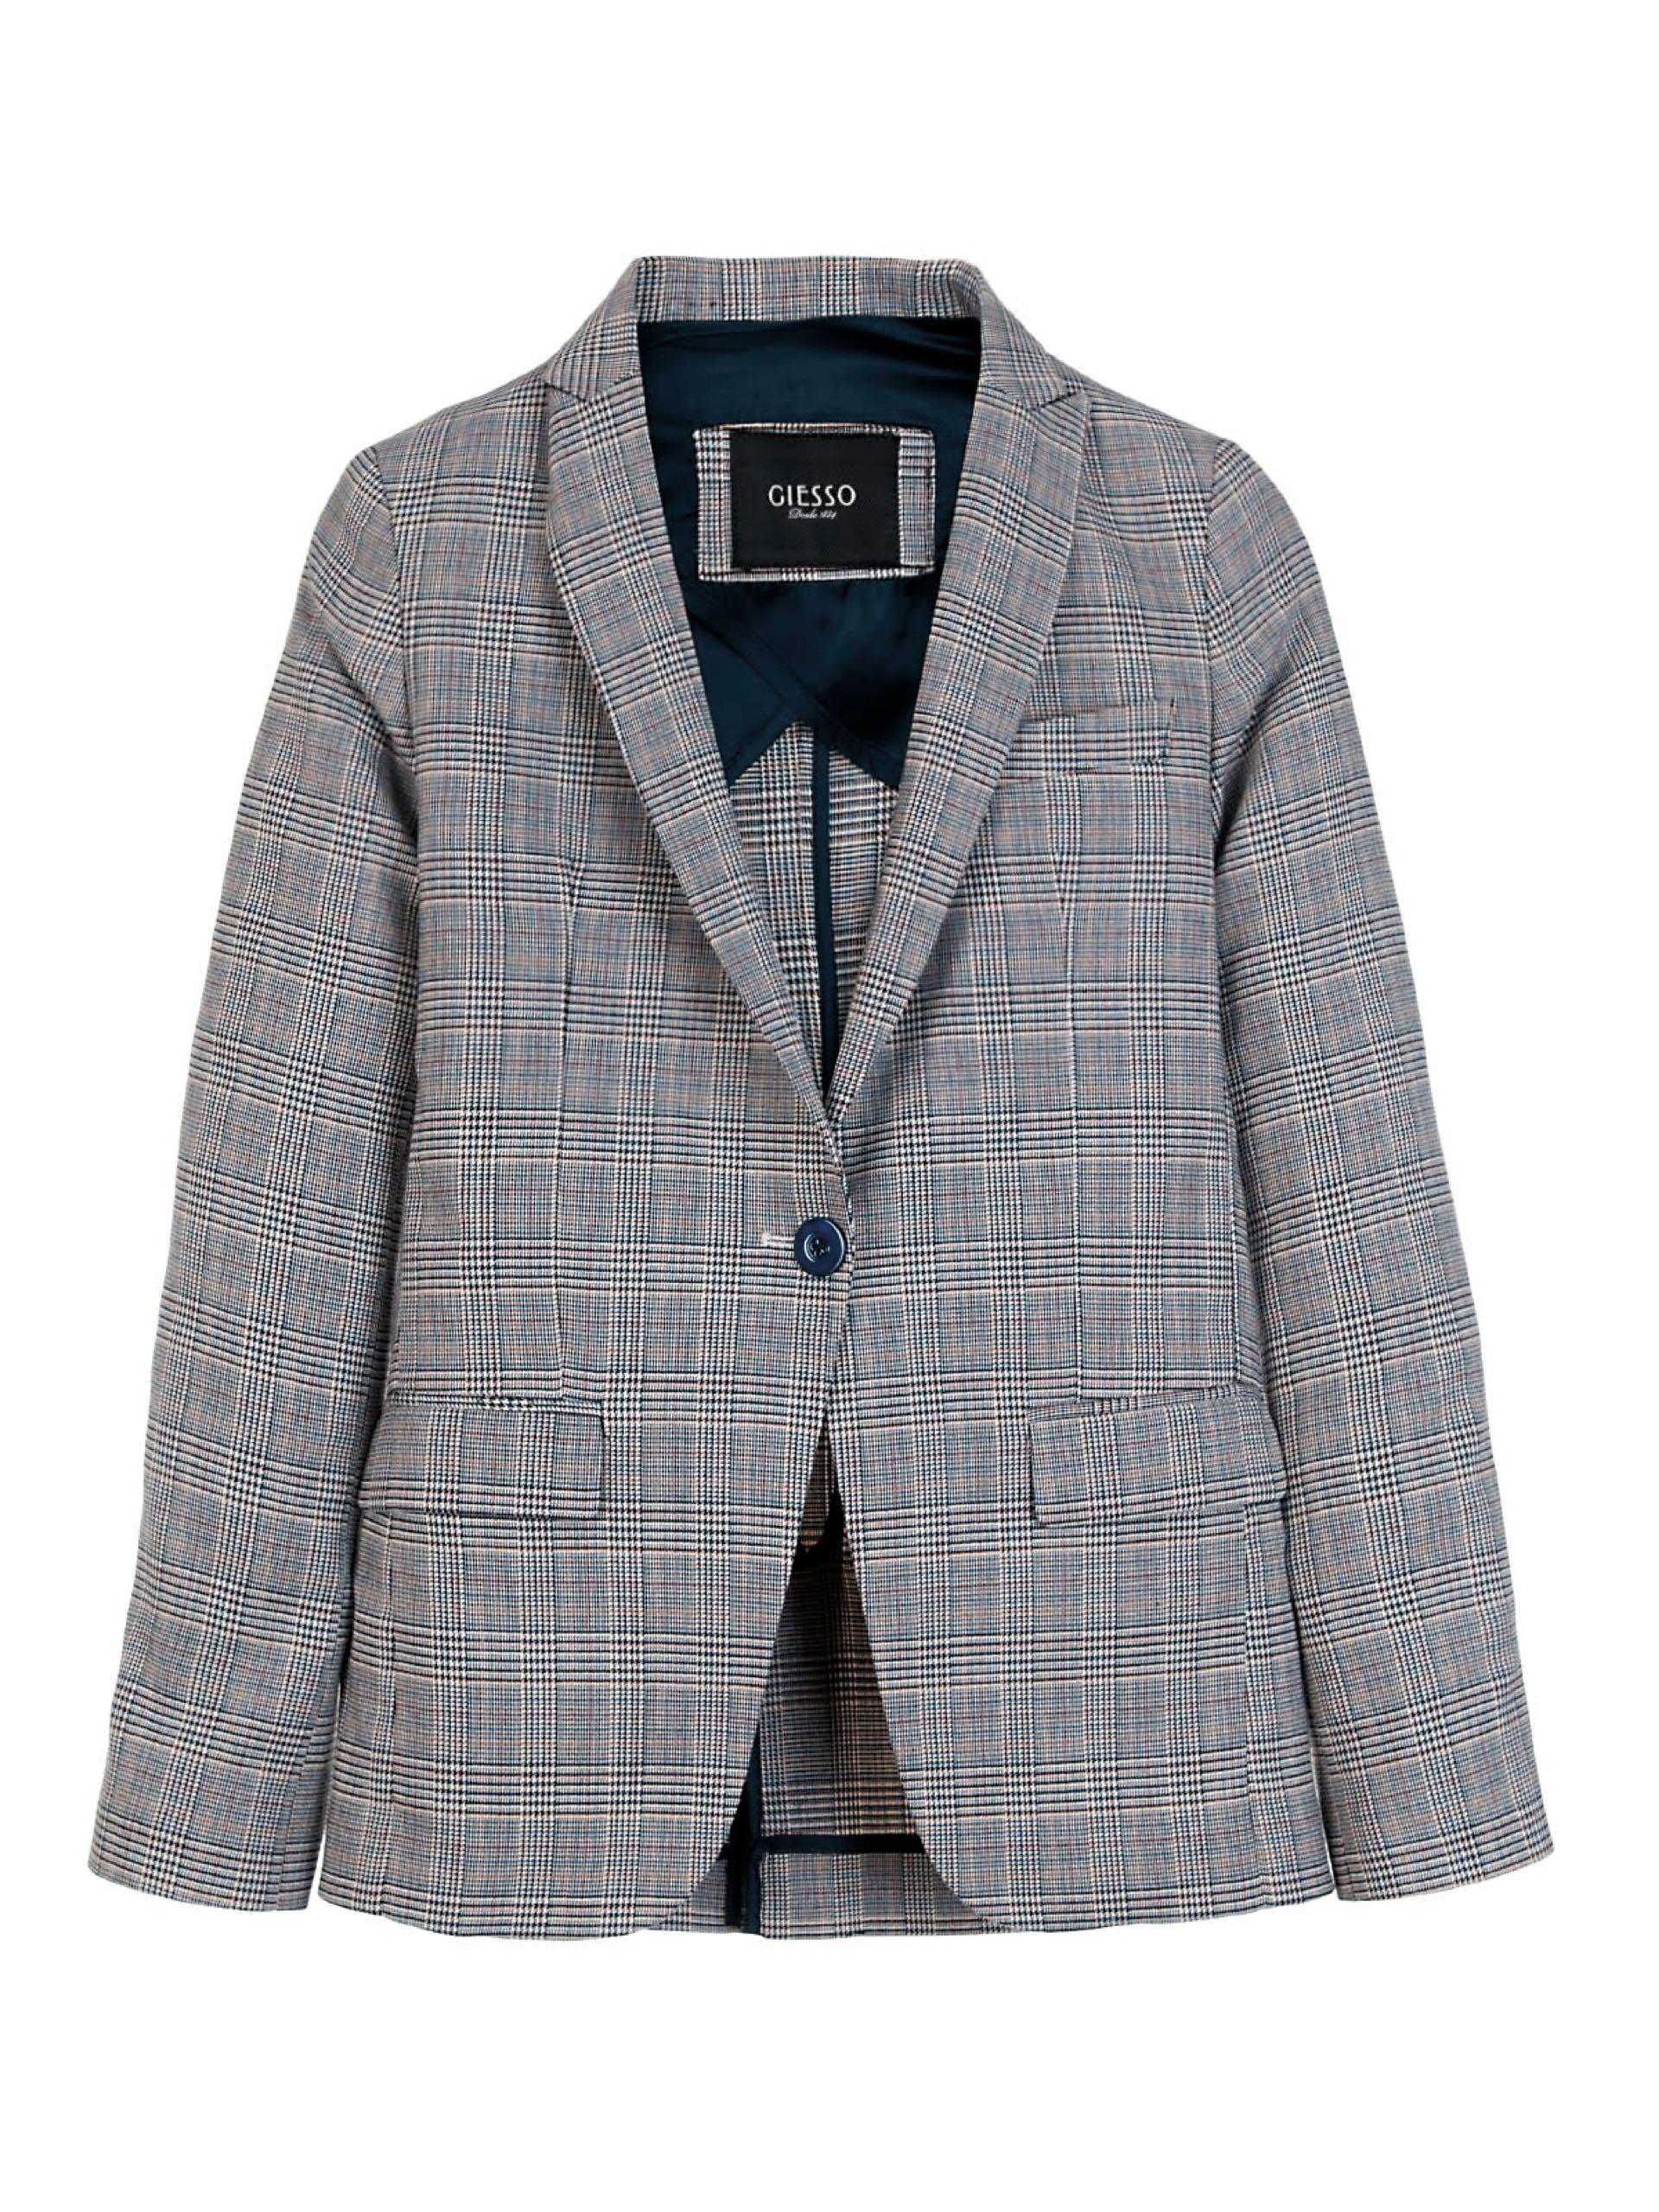 Blazer escocés ($ 5.510, Giesso).